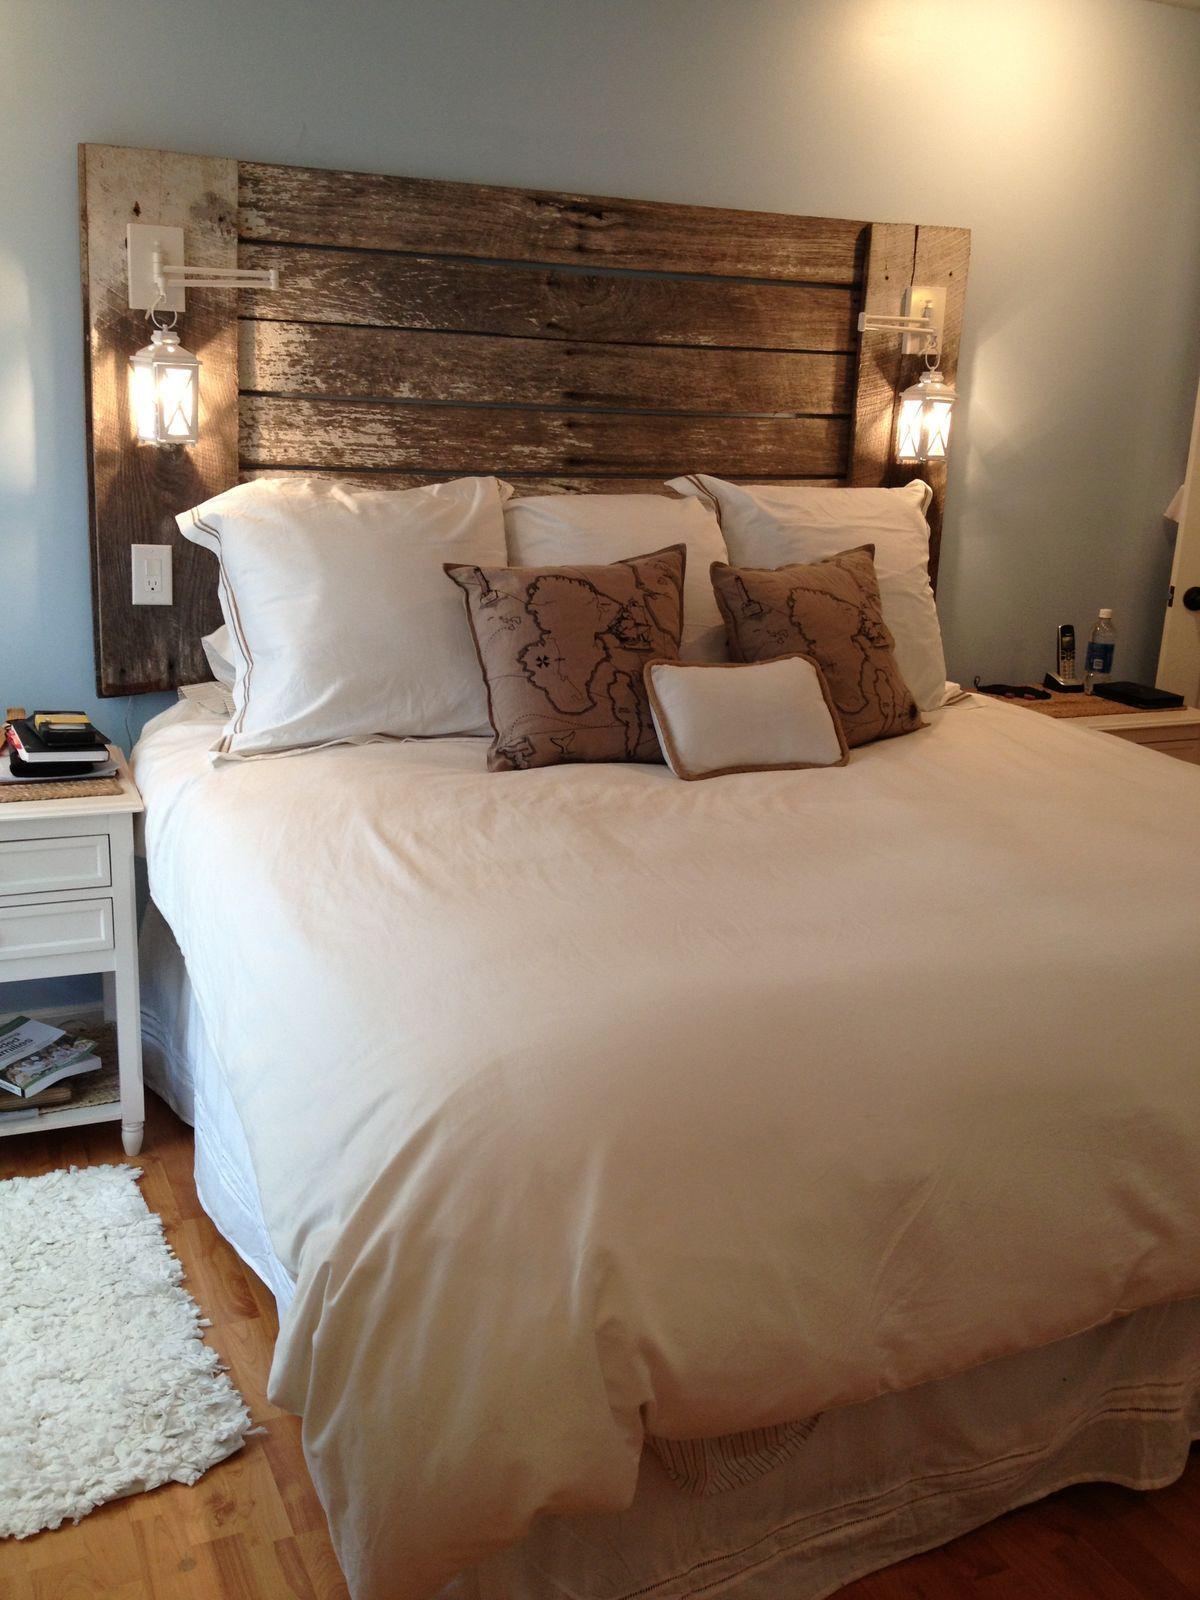 Cabecera | Cabeceros camas | Pinterest | Cabecera, Camas y Dormitorio